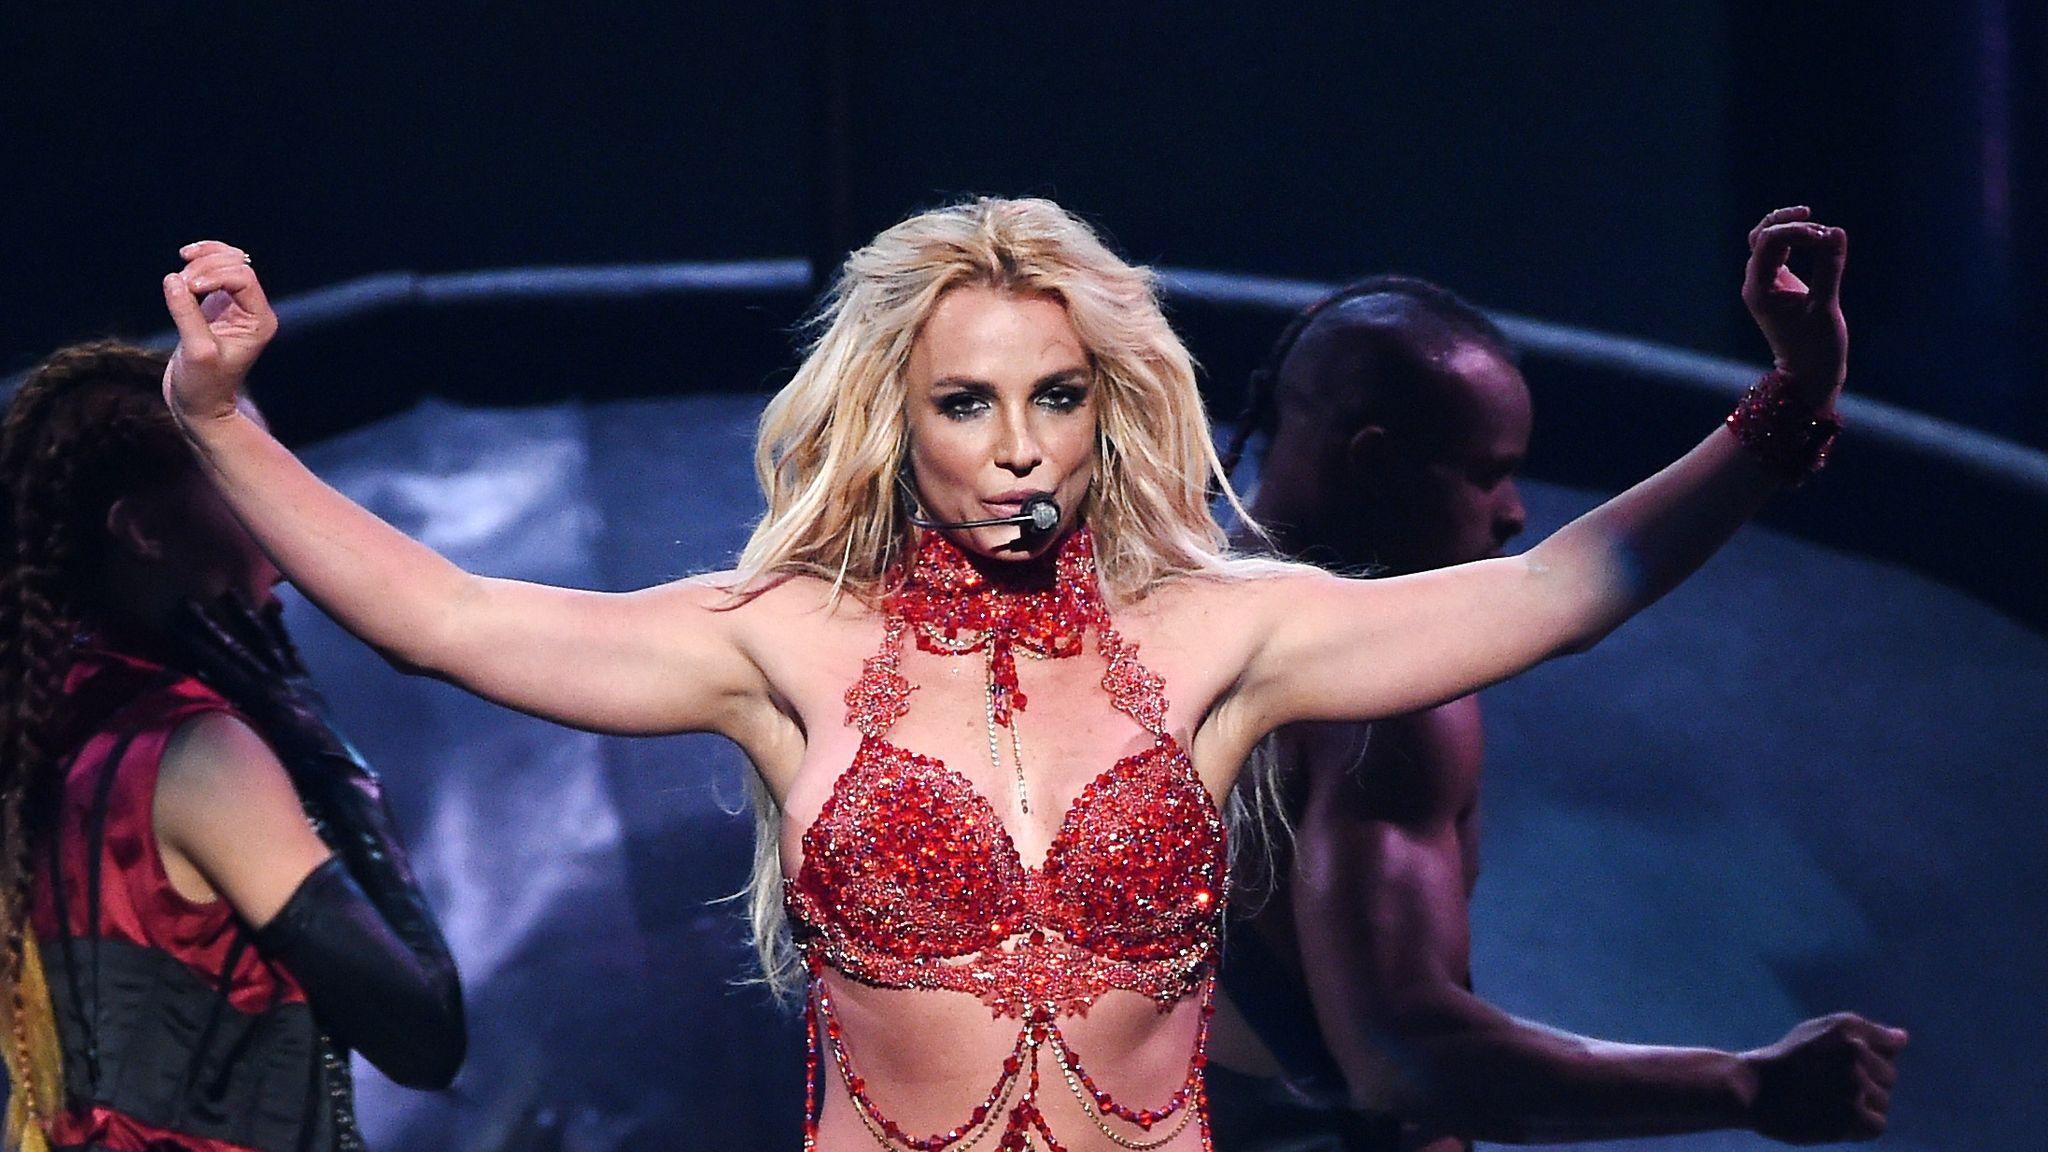 Britney Spears performing in Las Vegas in 2016